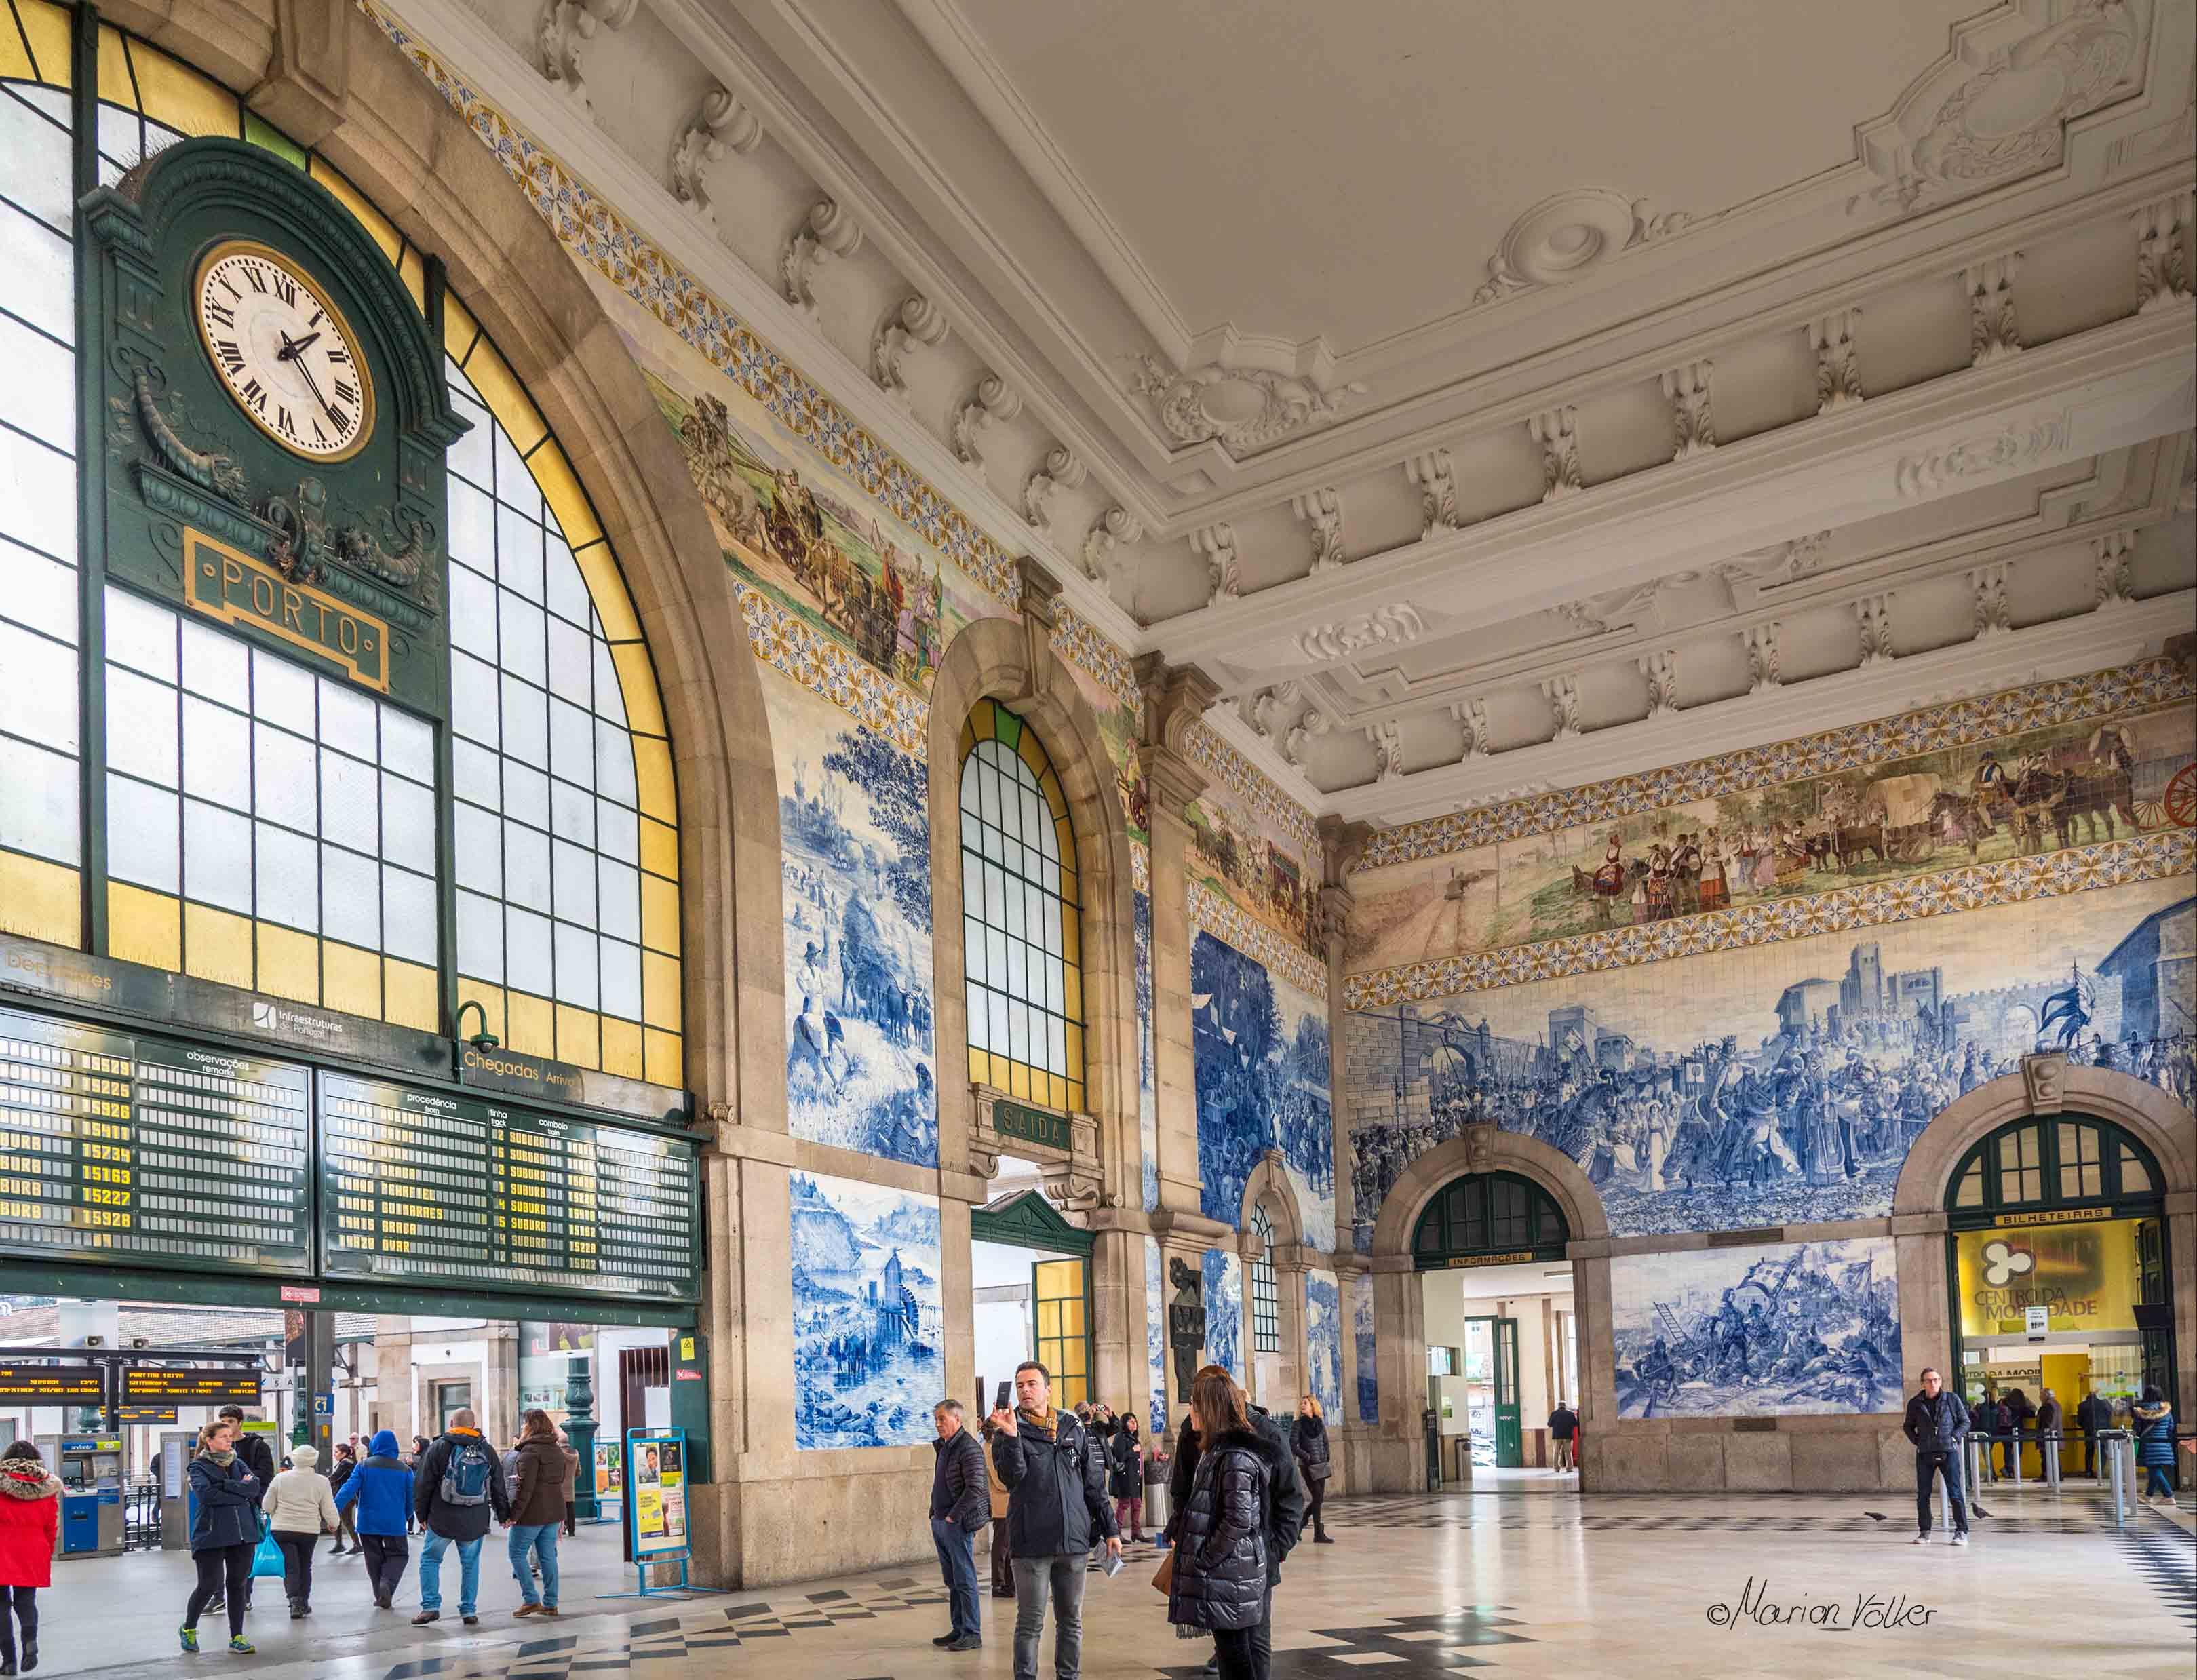 Auf den Wänden der Station São Bento kann man Ereignisse der Geschichte Portos bestaunen